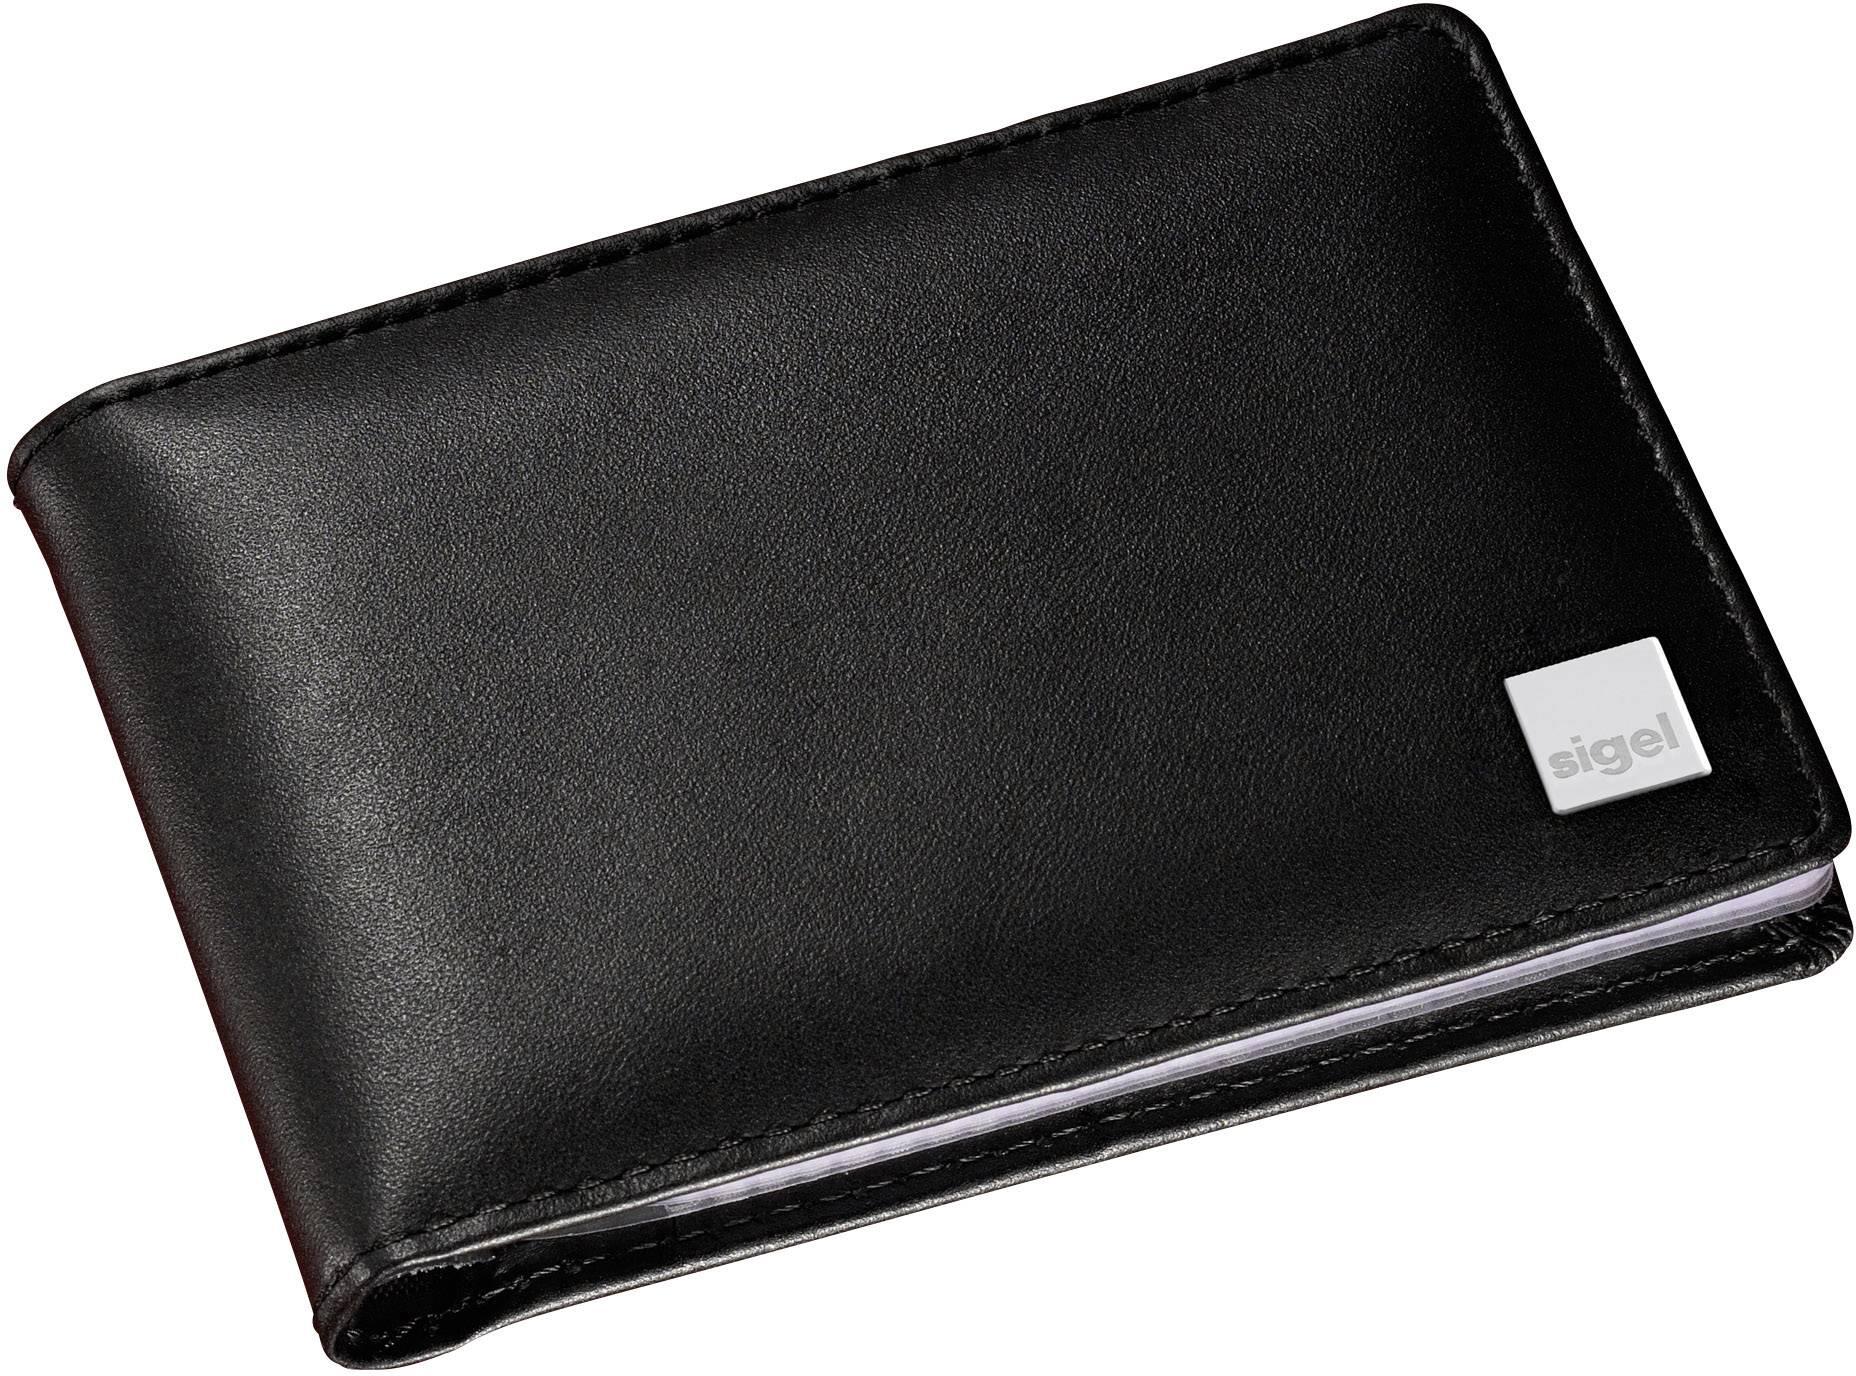 Sigel Vz201 Torino Business Card Folder 40 Cards W X H X D